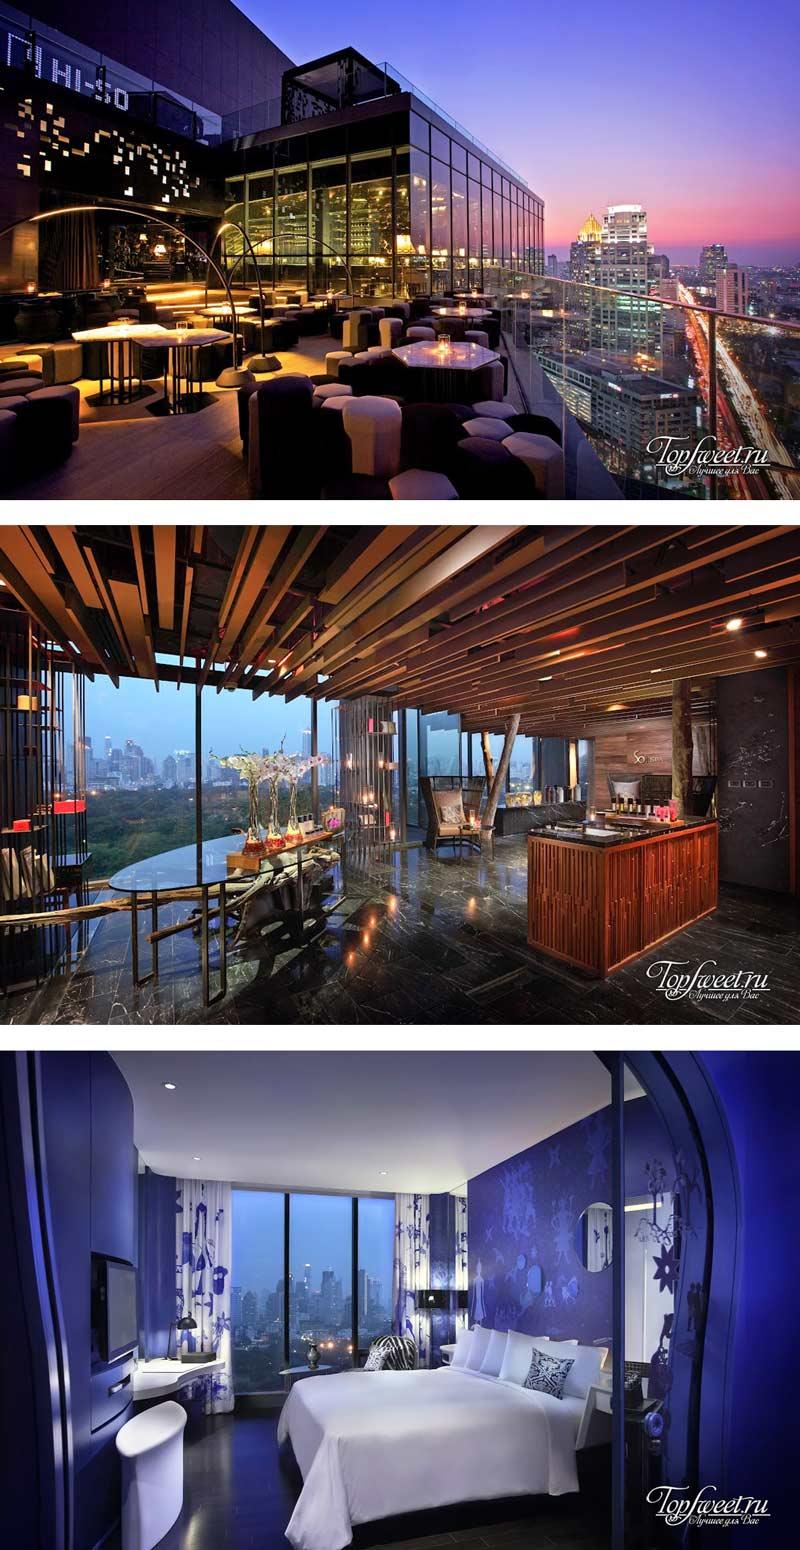 Sofitel So Bangkok. ТОП-5 интересных отелей от-кутюр